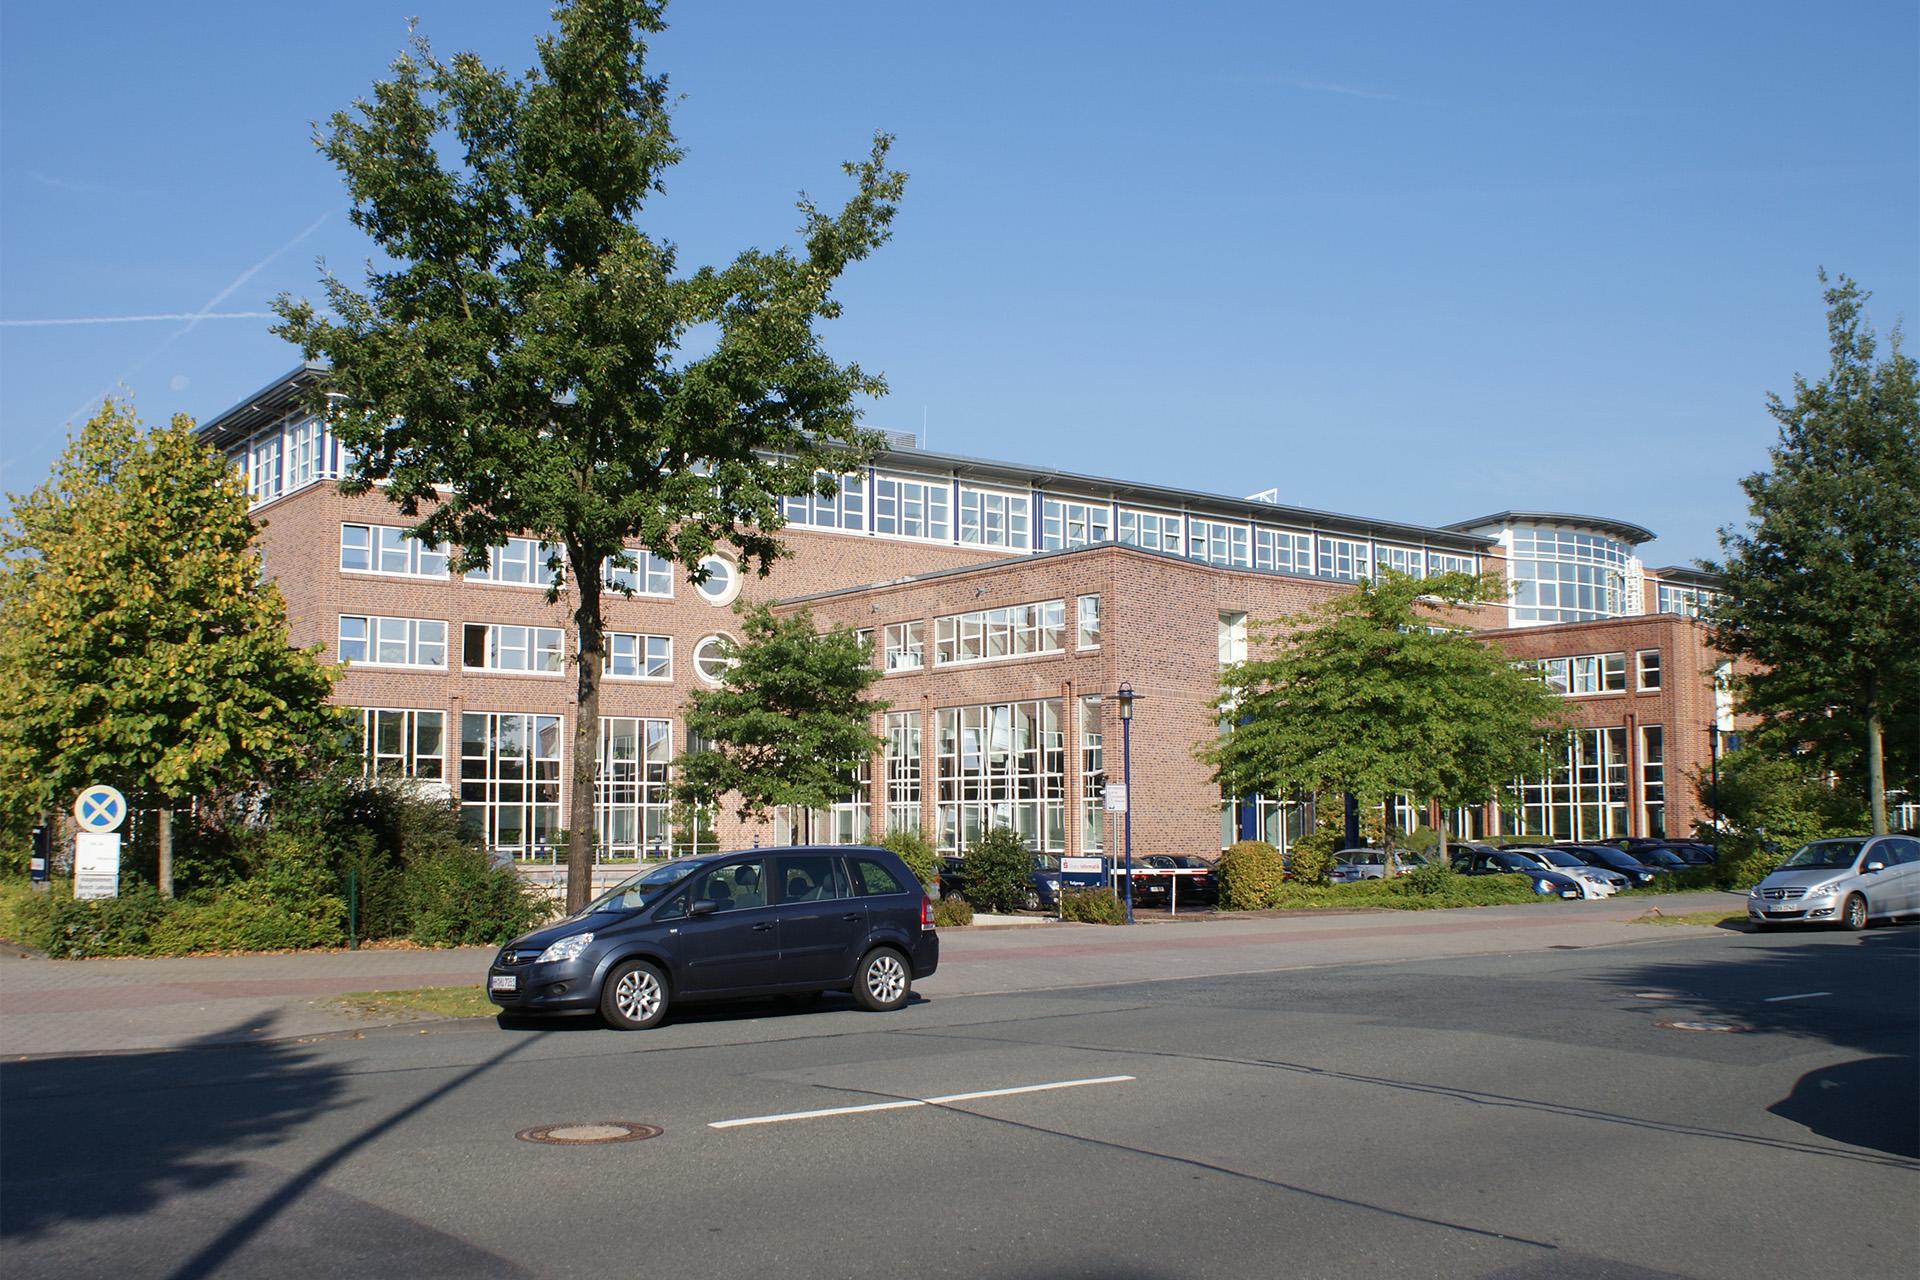 Sparkasse Münster Wirtschaftsinformatik